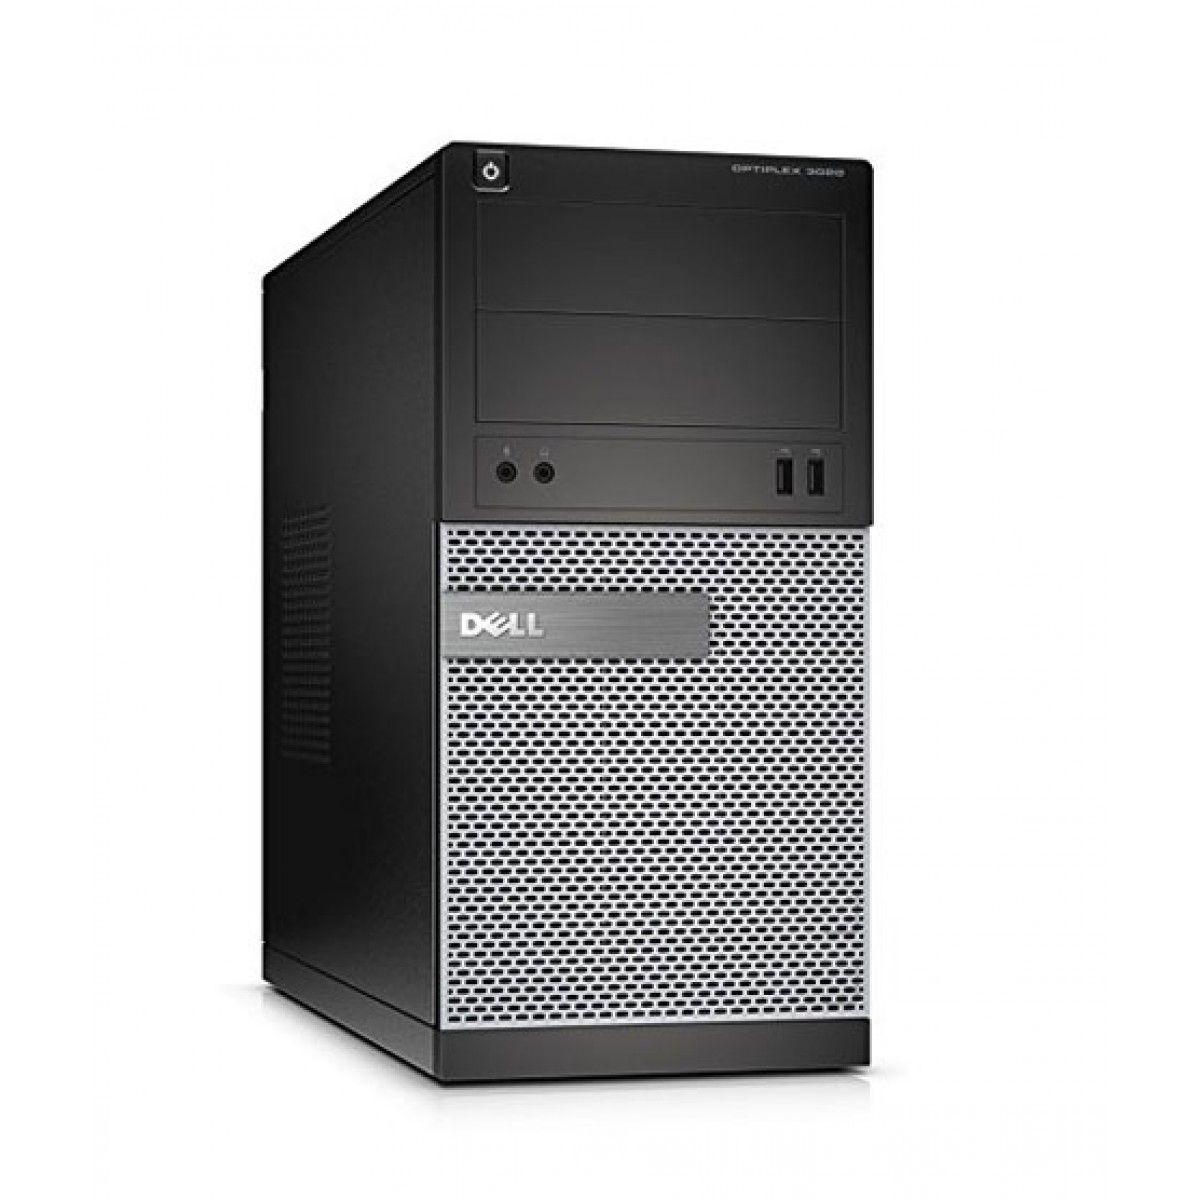 Dell Optiplex (3020MT - 4150) Core i3 3.50 Ghz Desktop